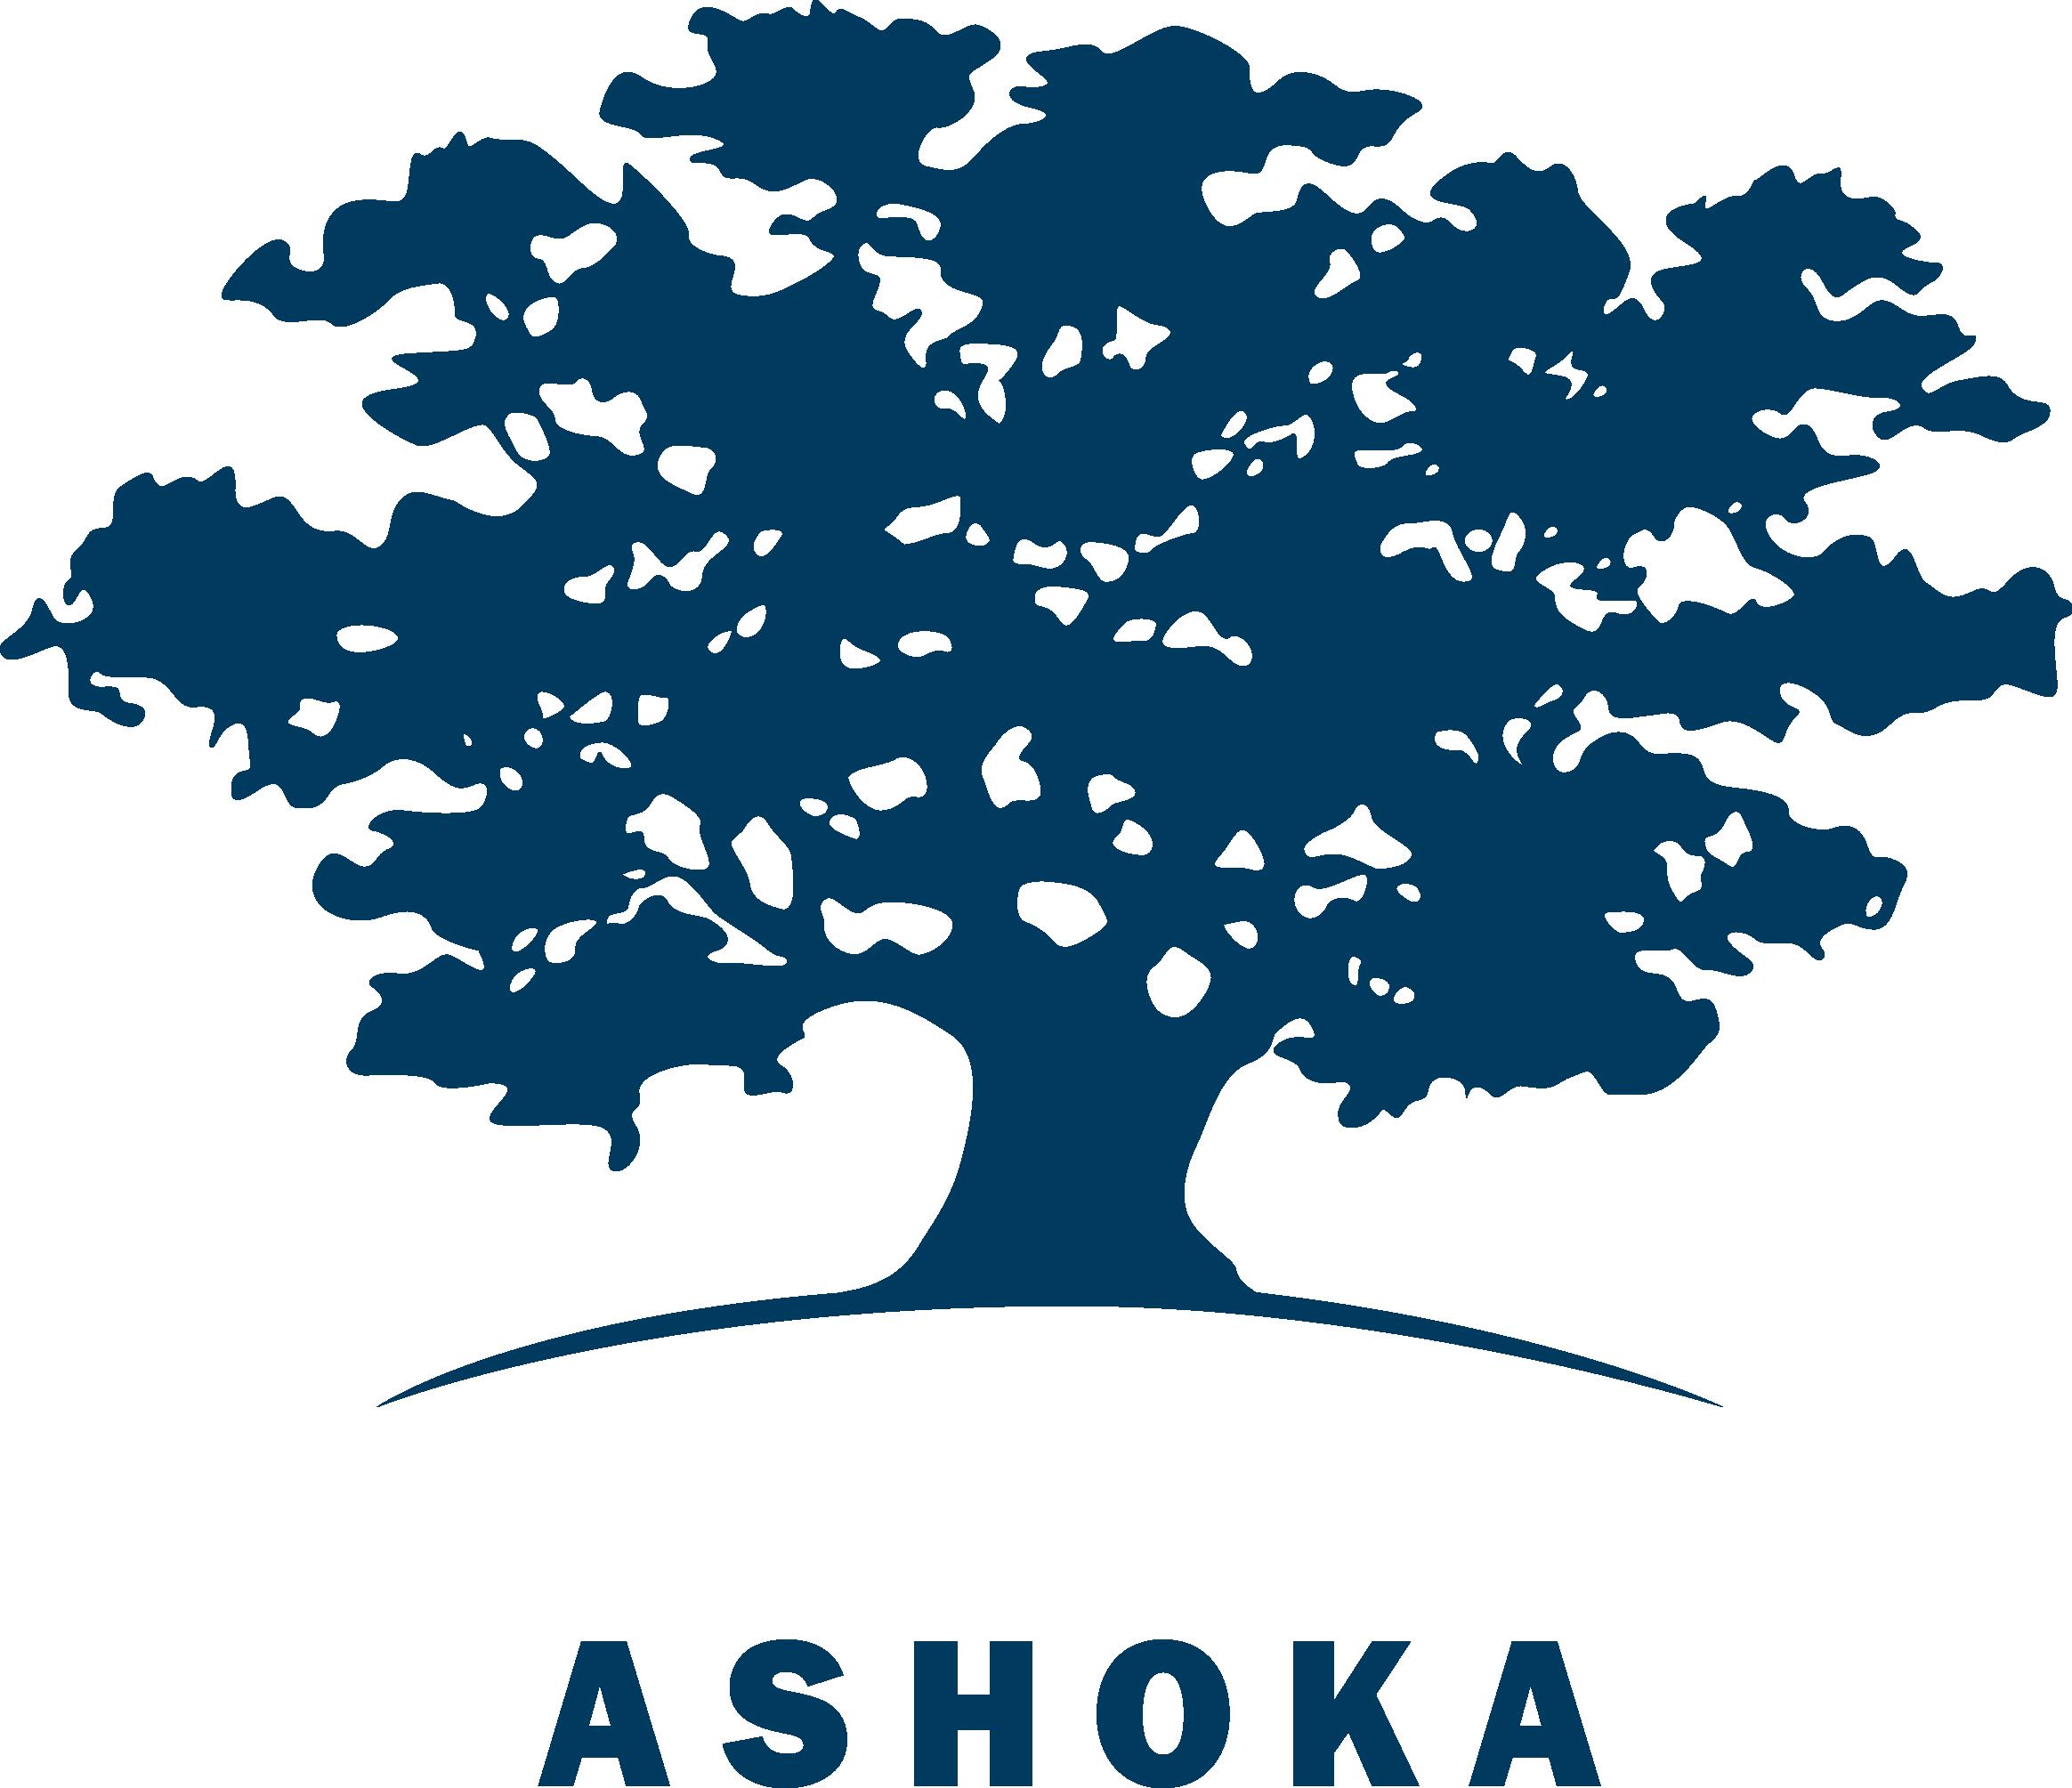 Ashoka_logo_blue.png